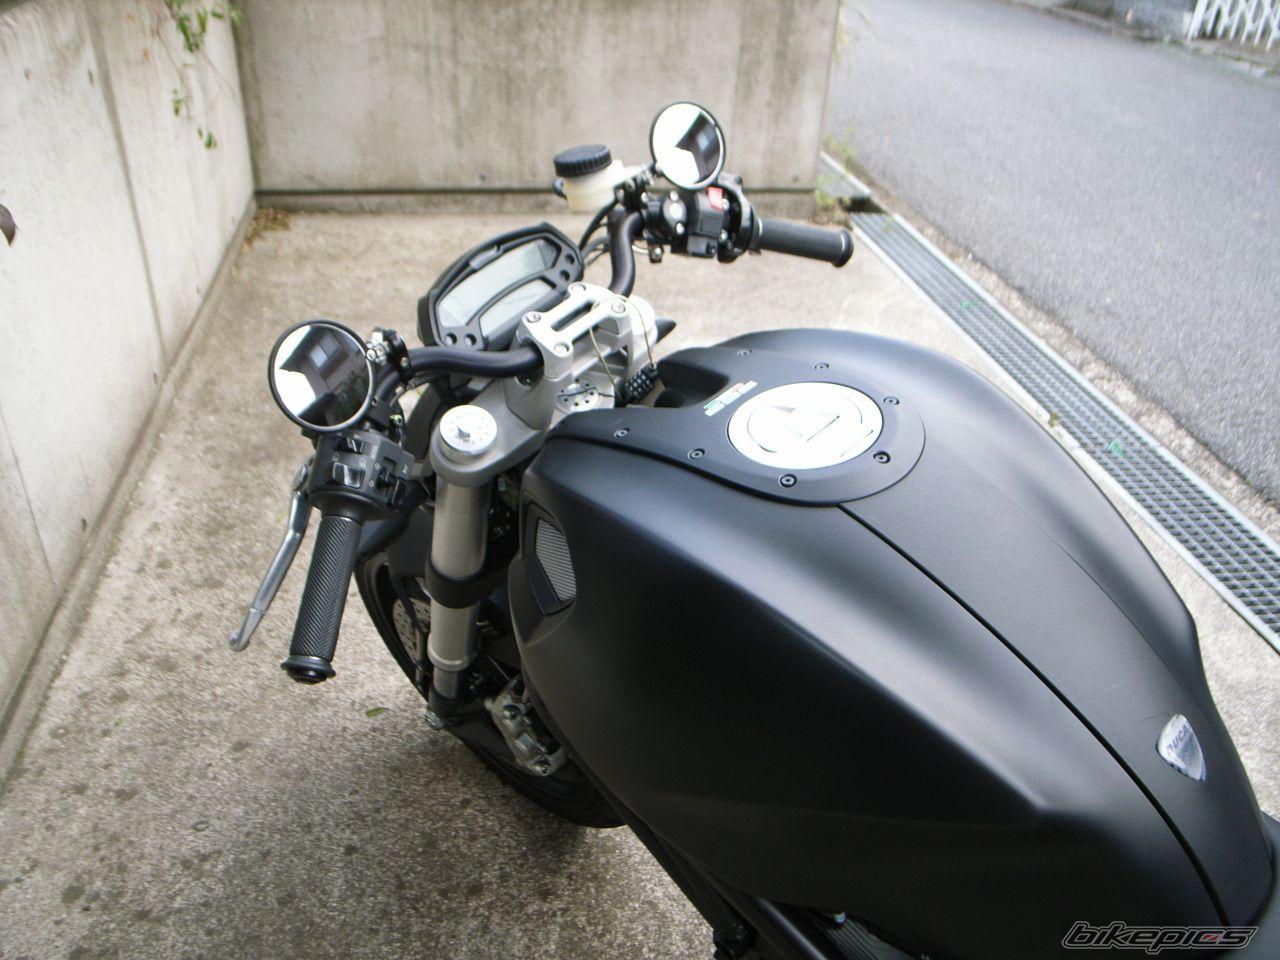 款杜卡迪Monster 696摩托车图片2